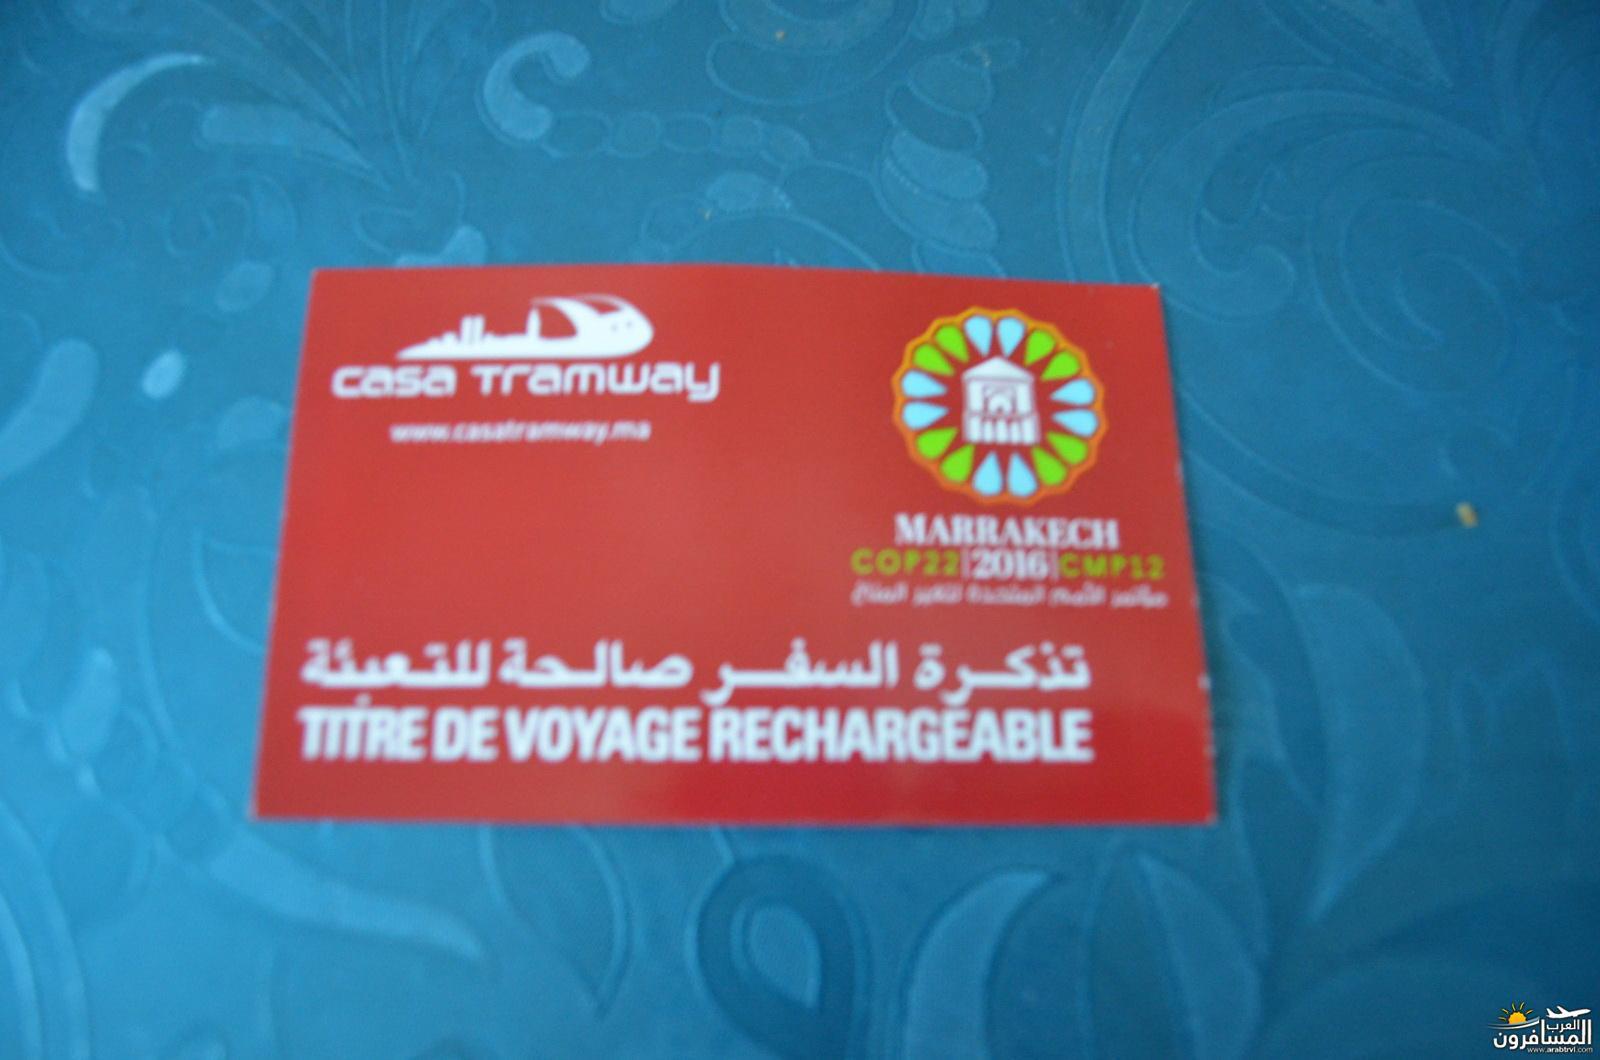 arabtrvl1480450633673.jpg